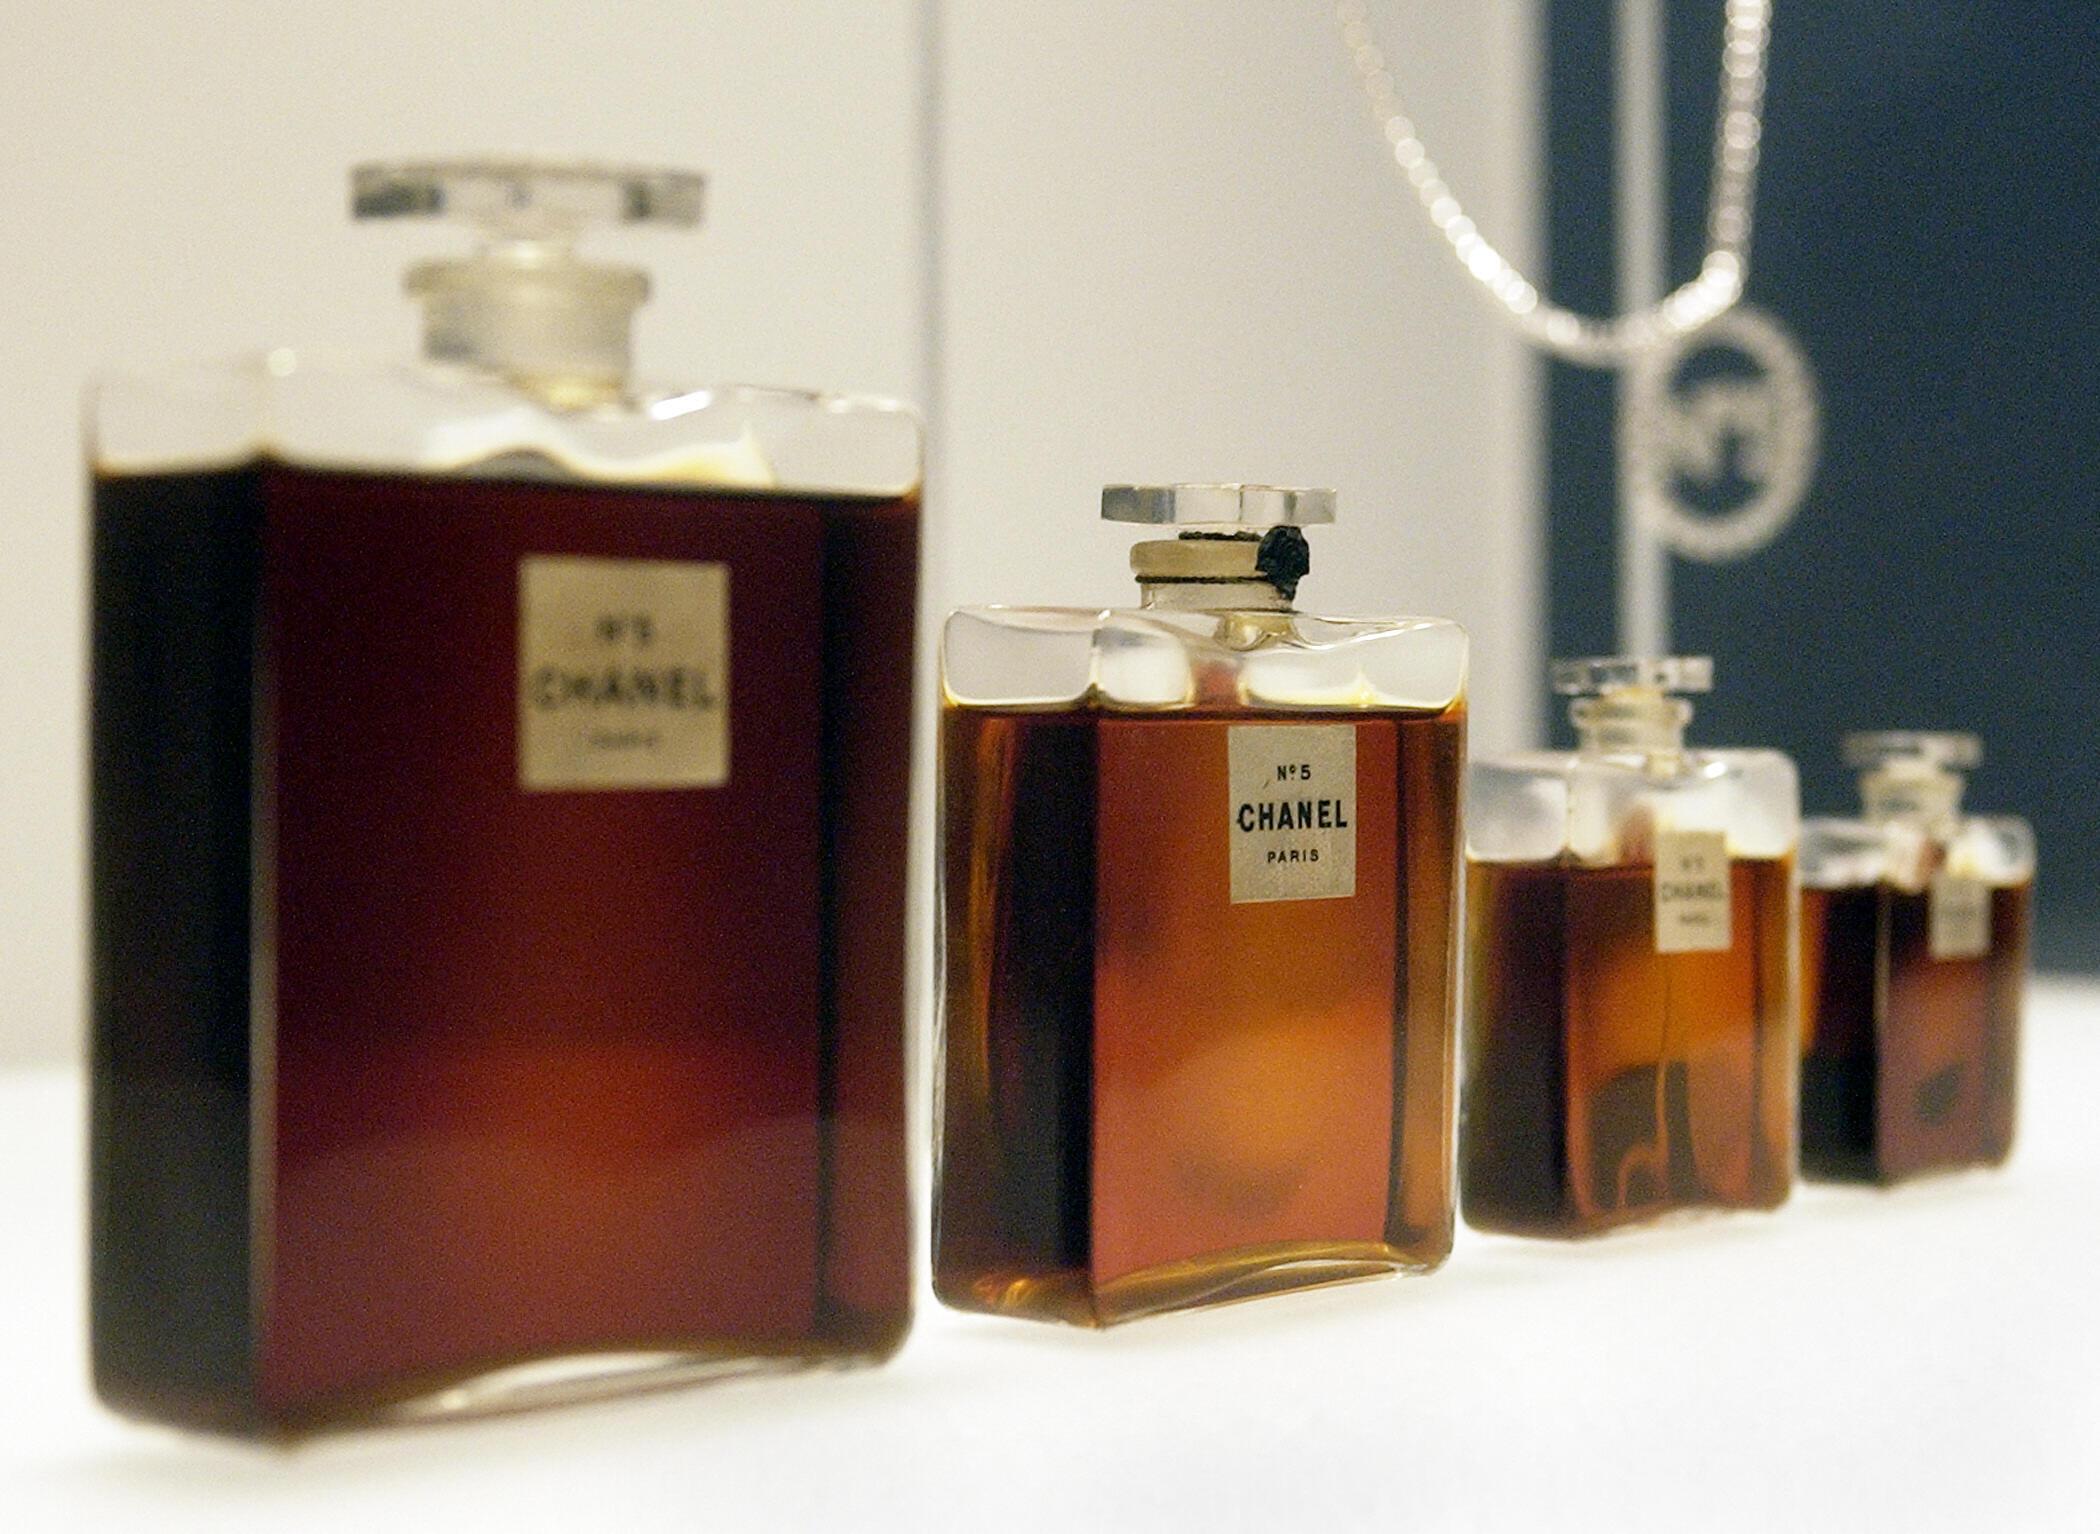 Le flacon original de 1921 du Chanel N°5 décliné en quatre formats différents, exposés en 2005 à New York.